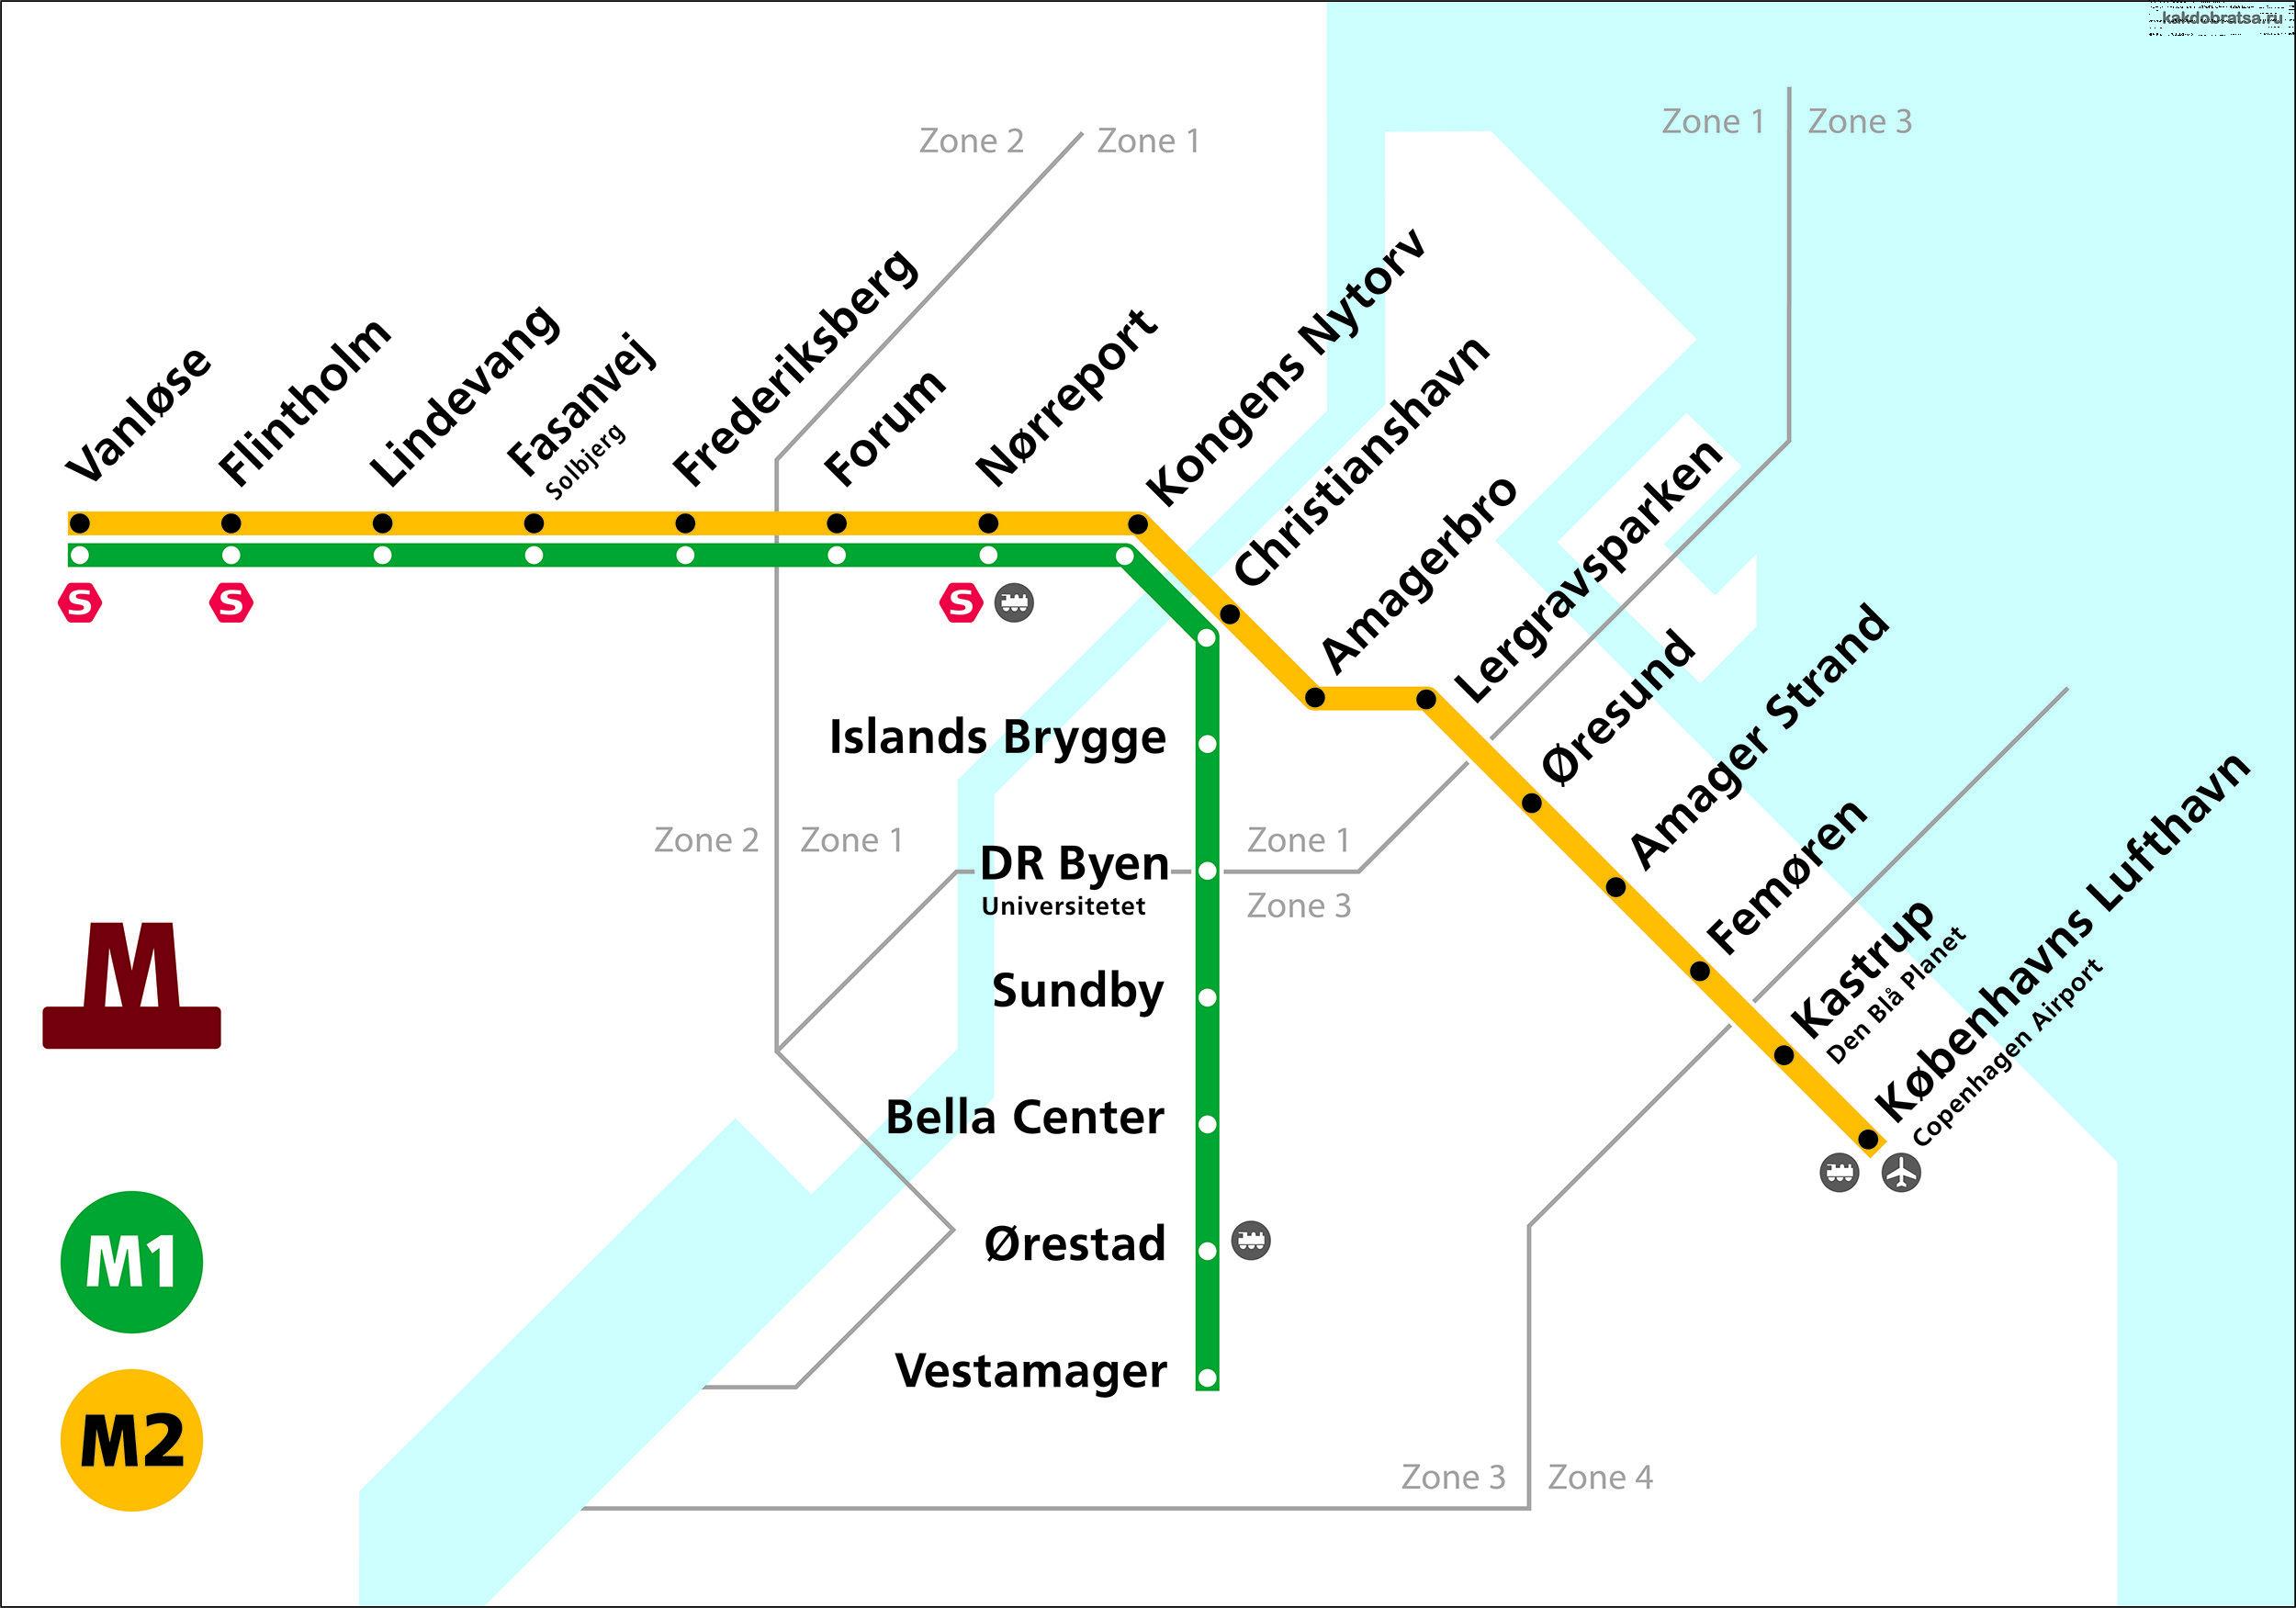 Карта схема метро Копенгагена